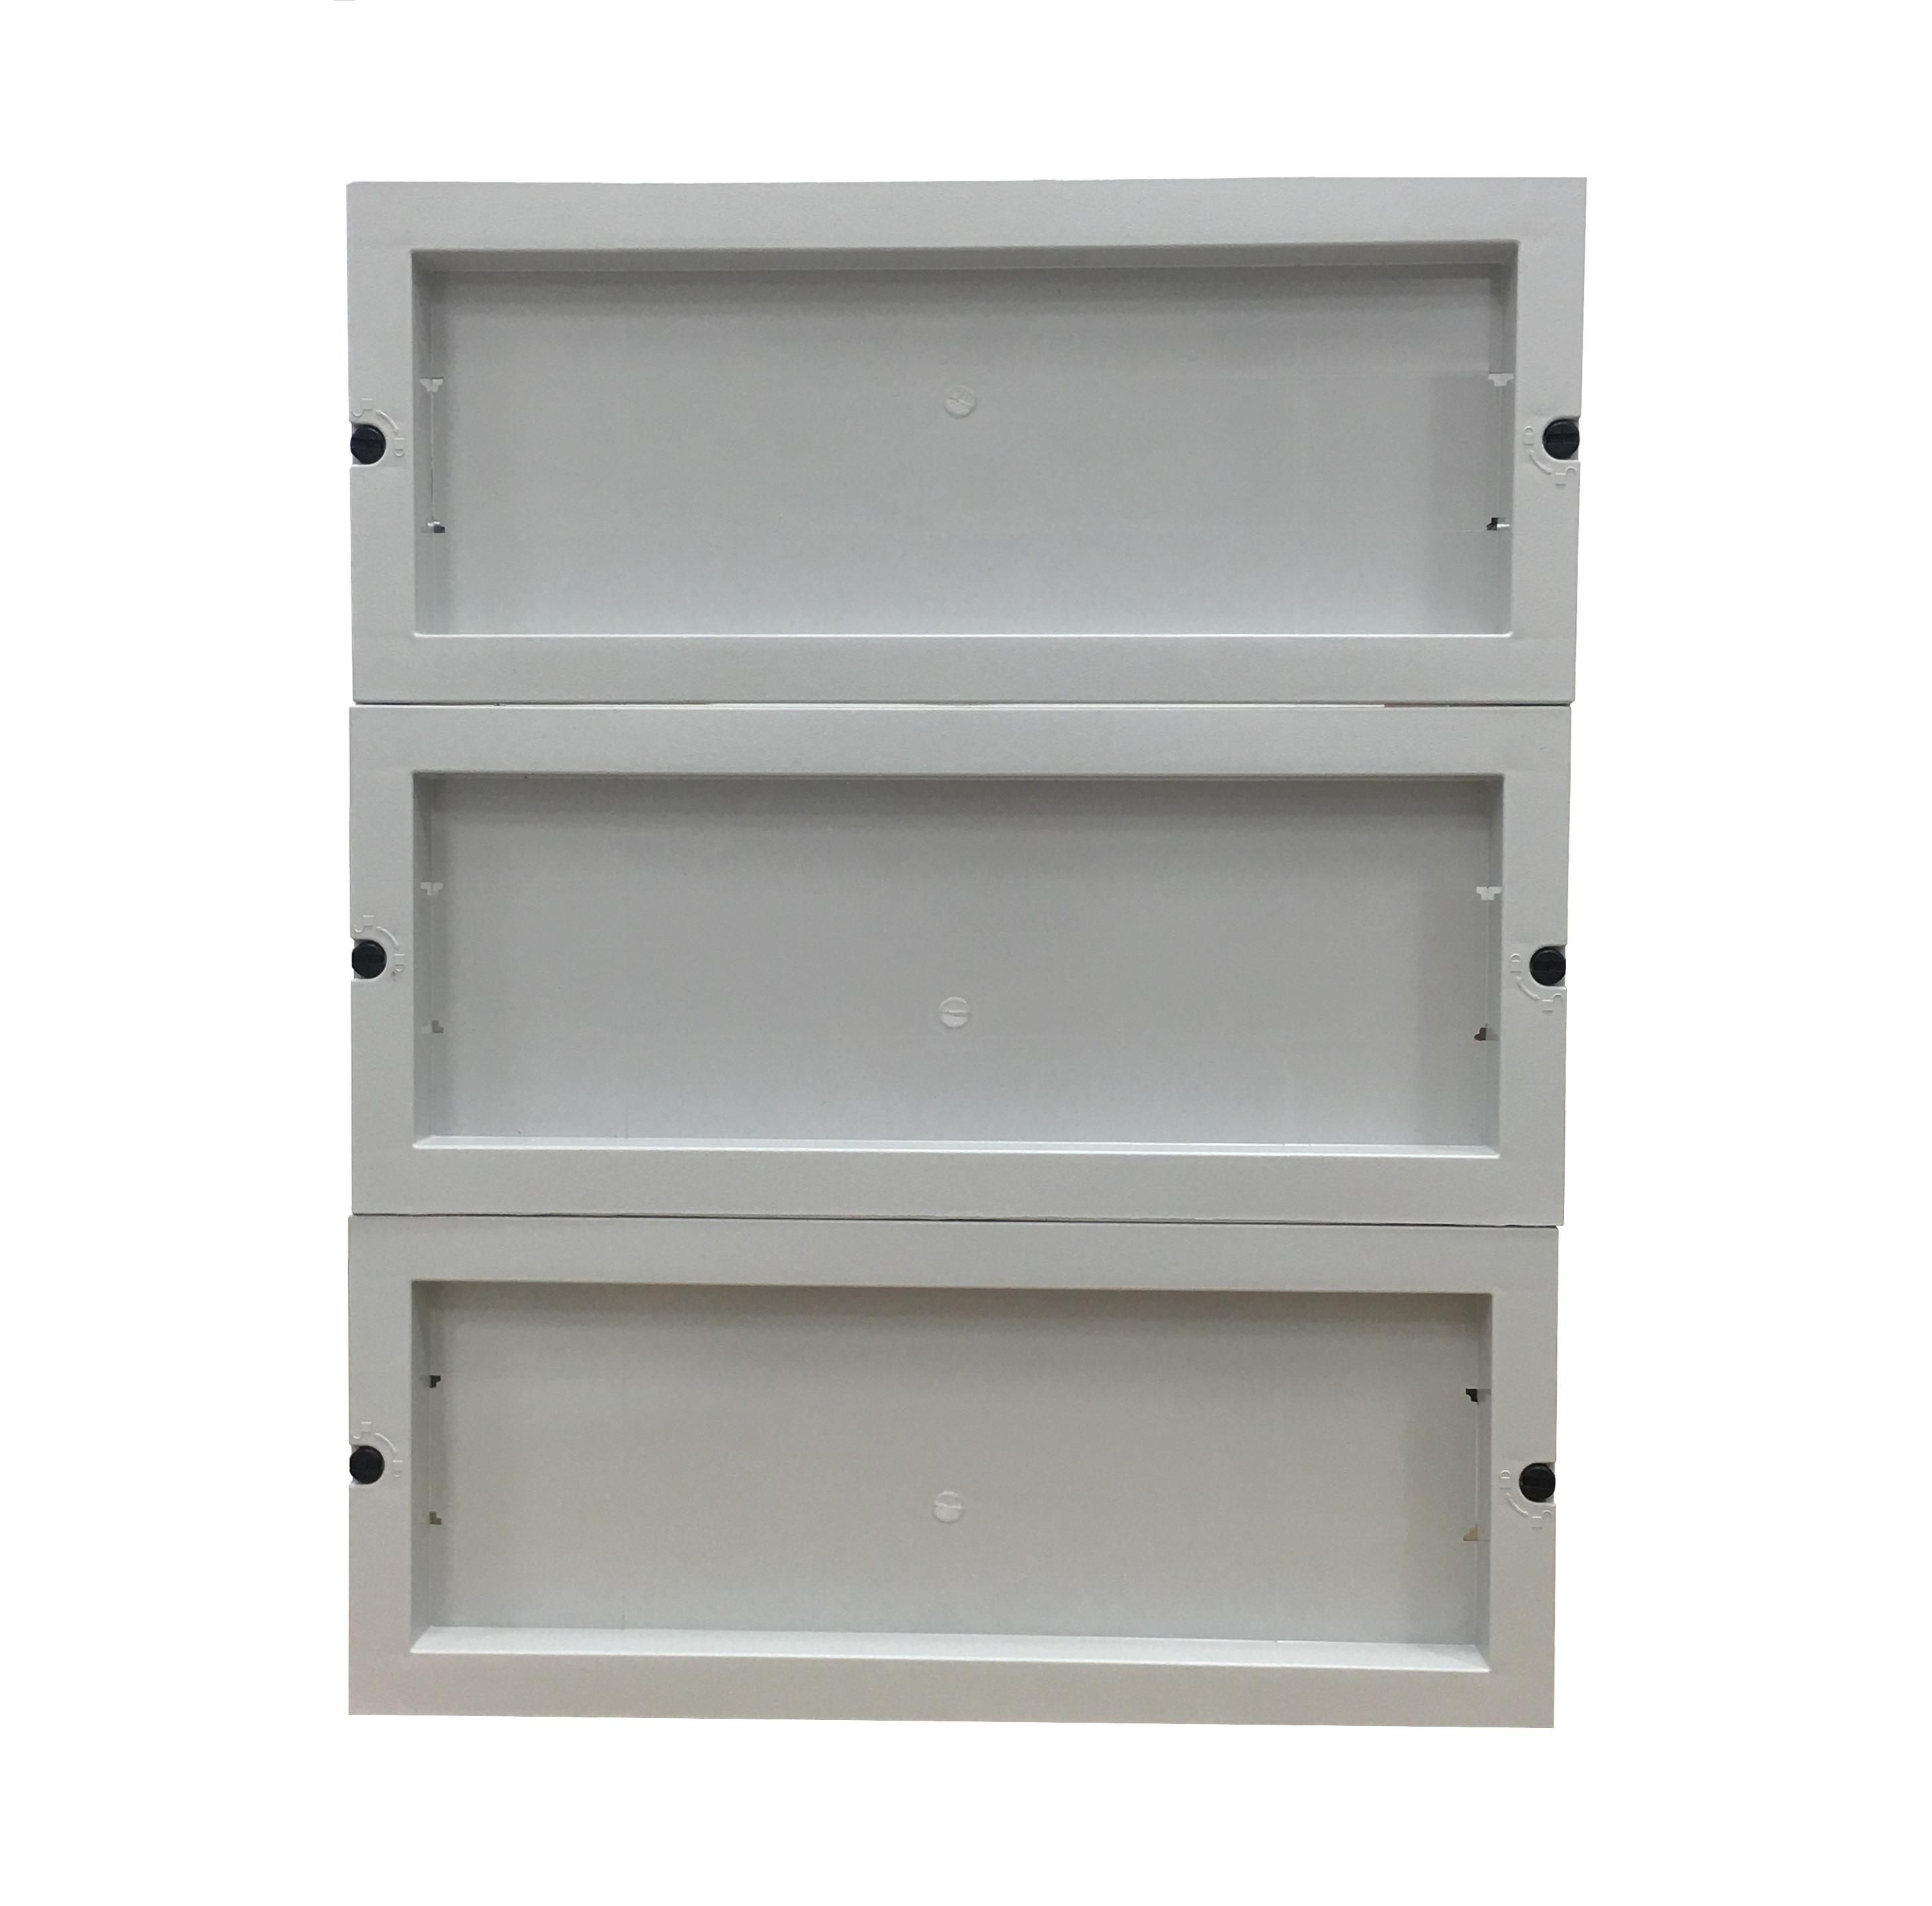 1 Stk Installationseinsatz für 400x400 2x18TE IMCH0044--